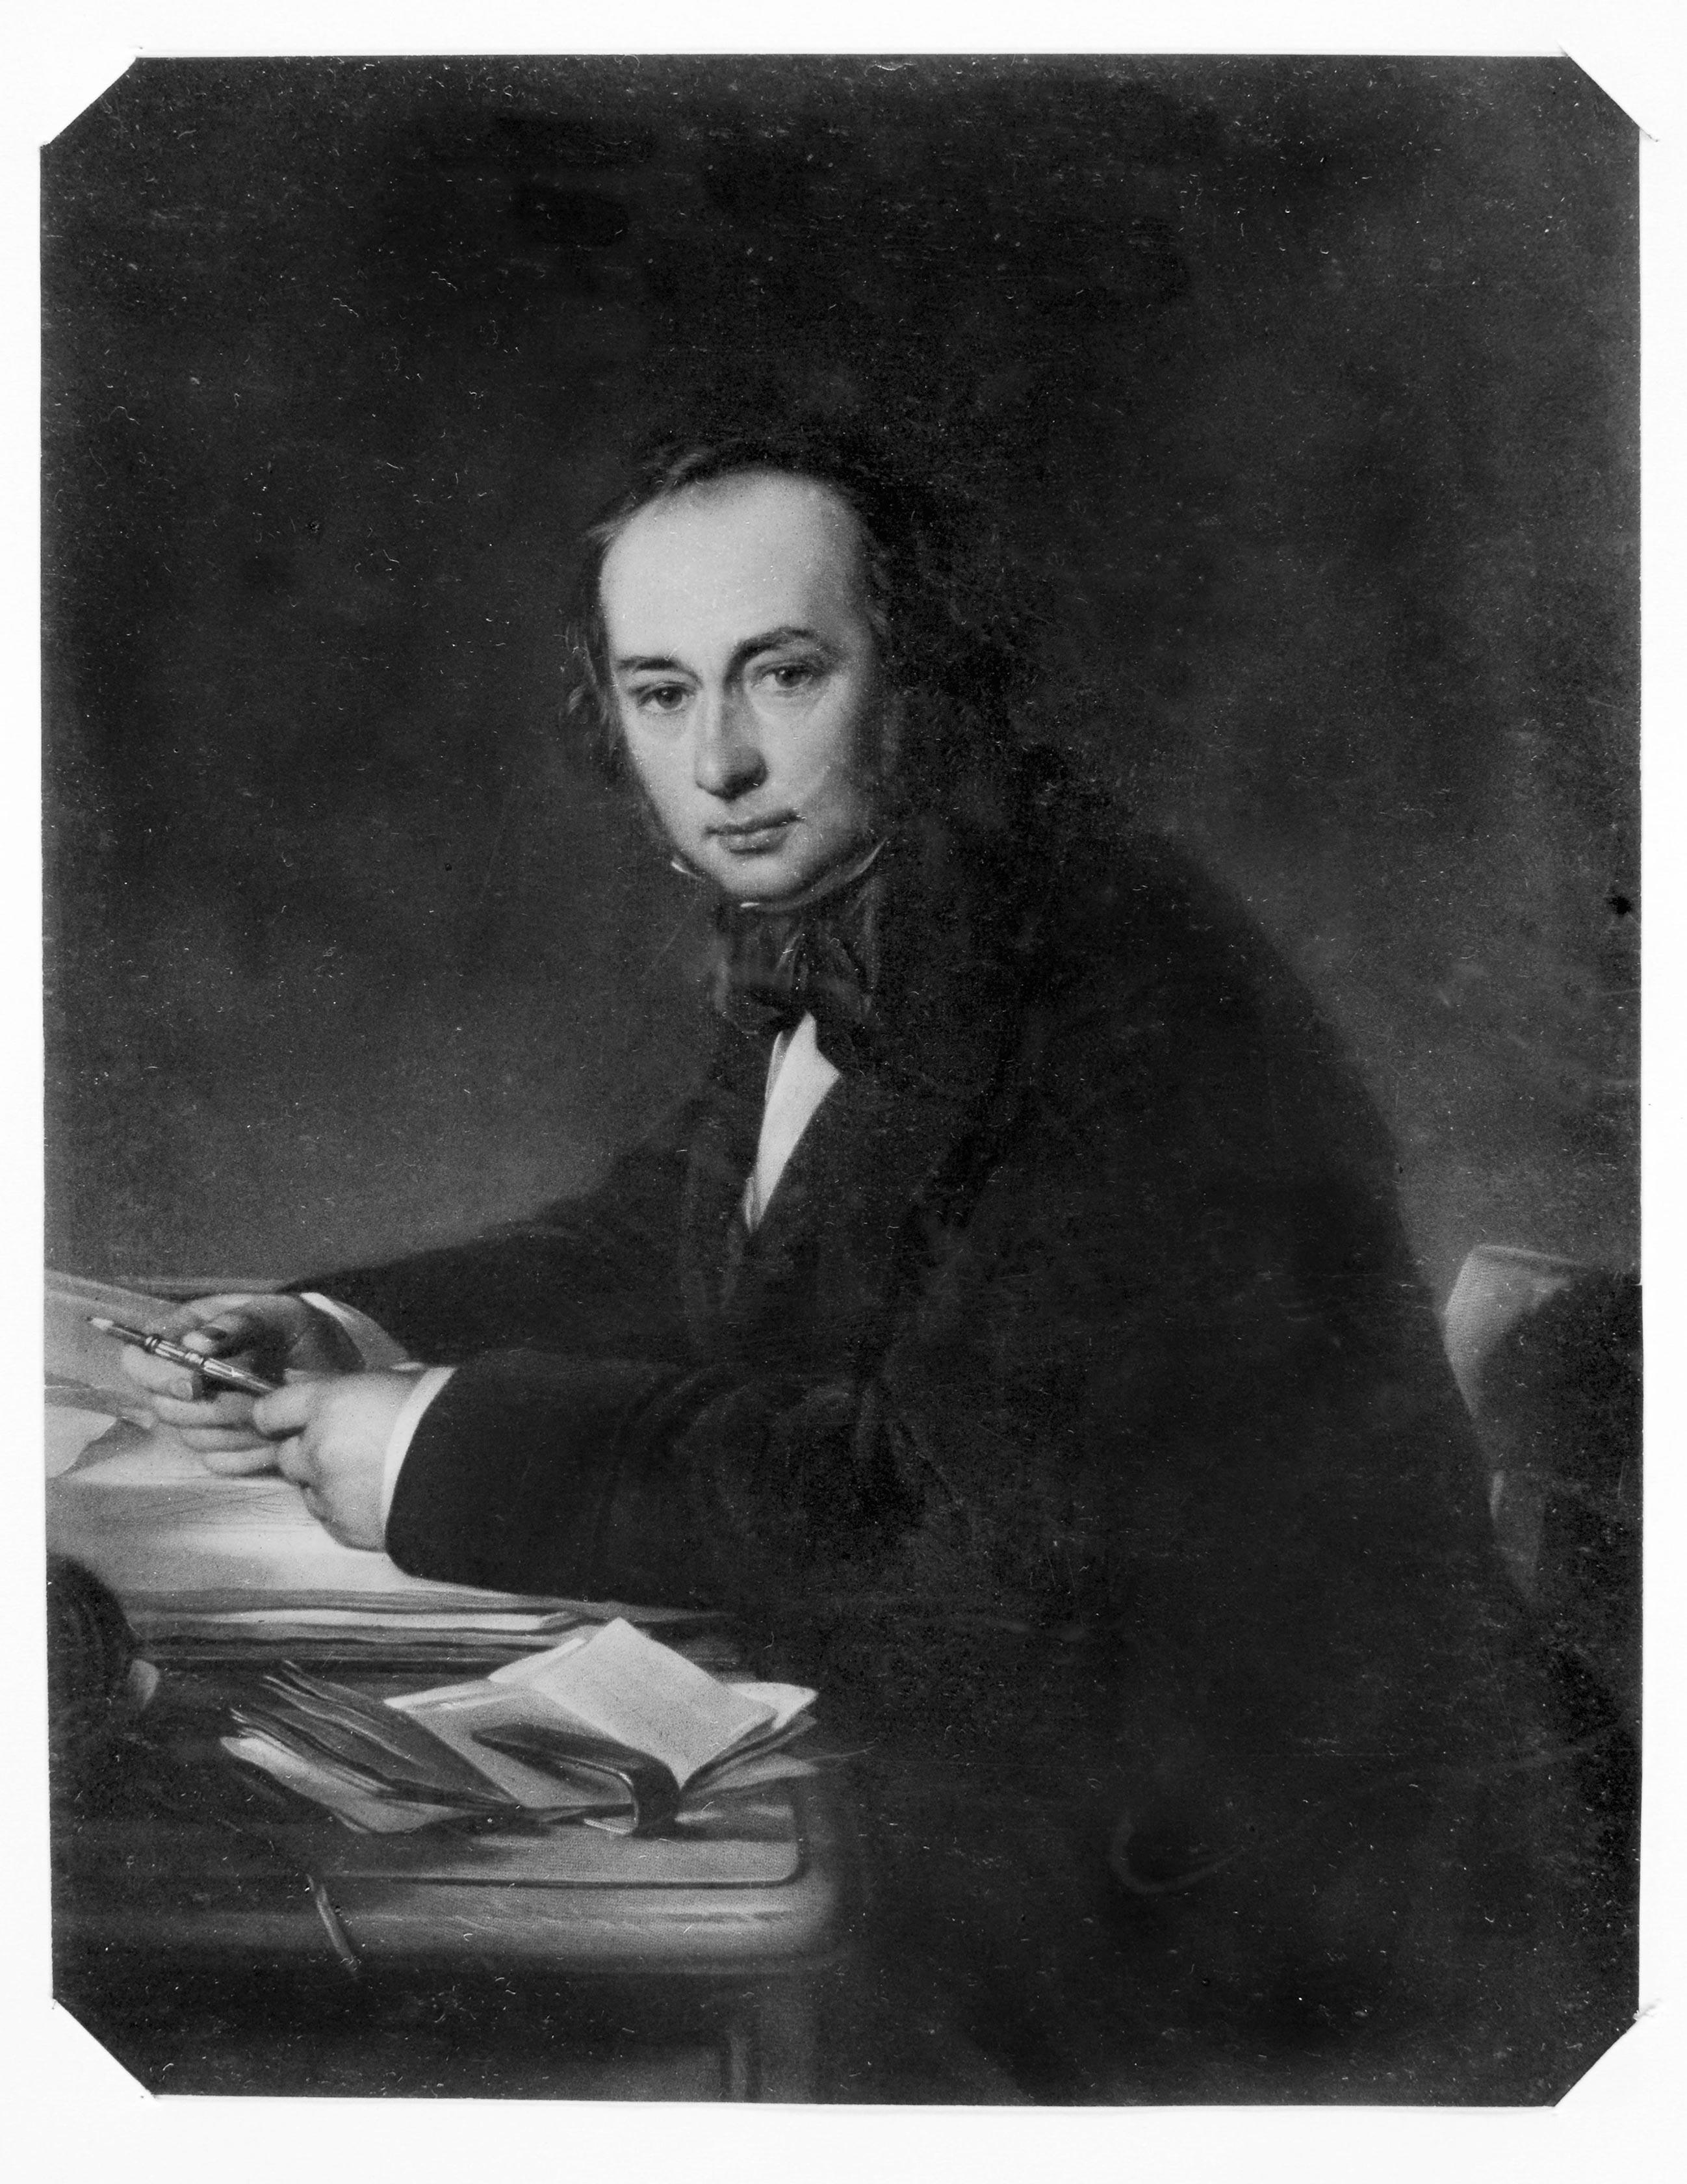 RAIL1014/21 Isambard Kingdom Brunel